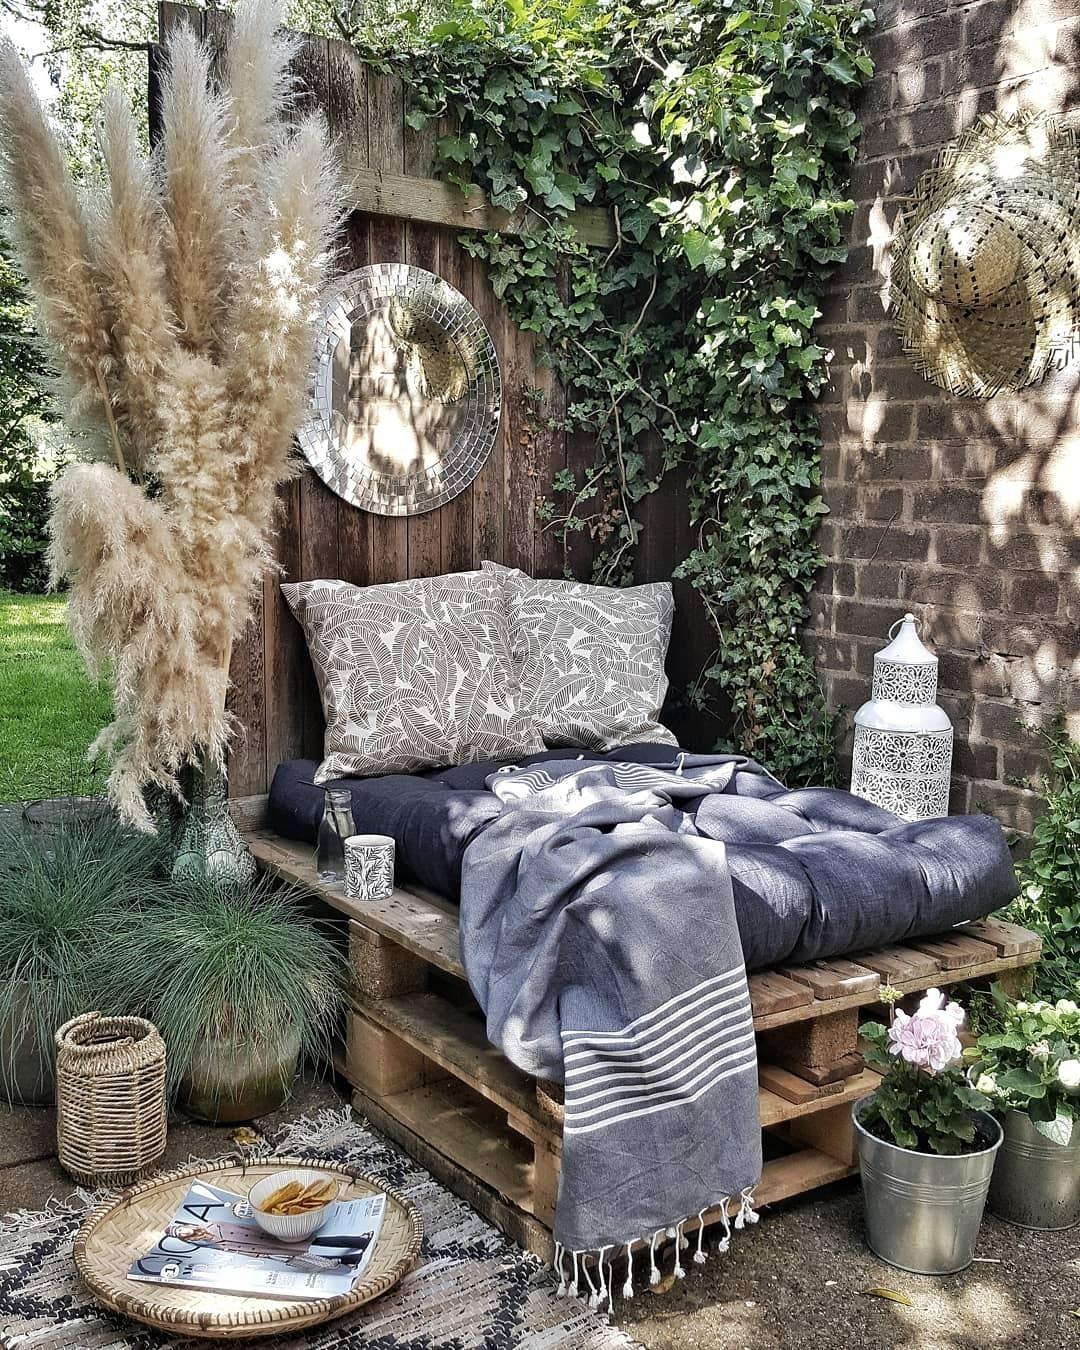 #garten #interior #sommer #couchliebt #hygge